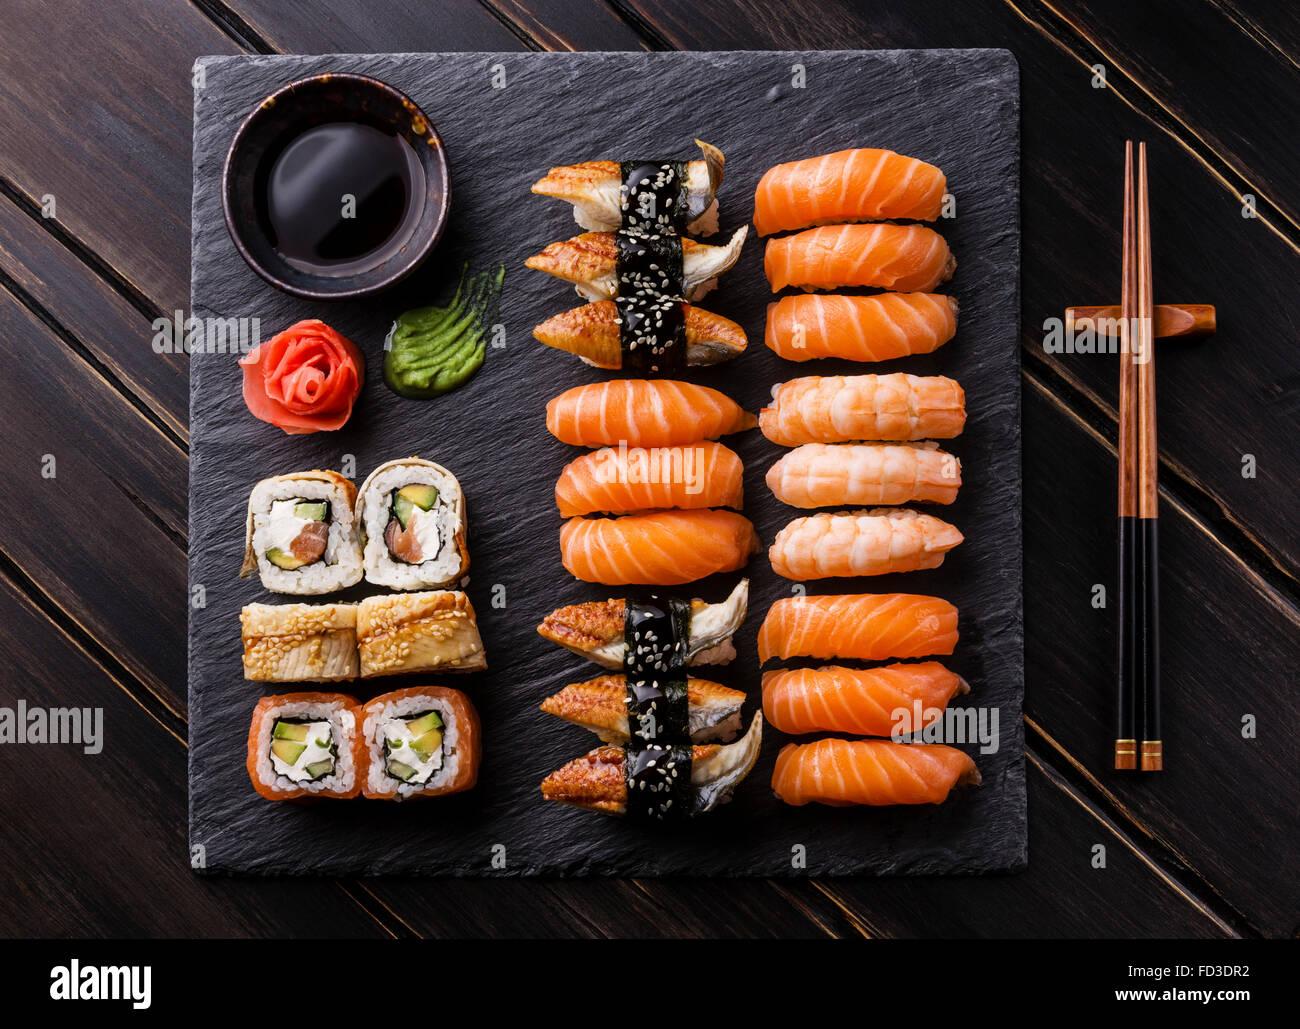 Set de sushi y sashimi sushi en piedra pizarra negra Foto de stock